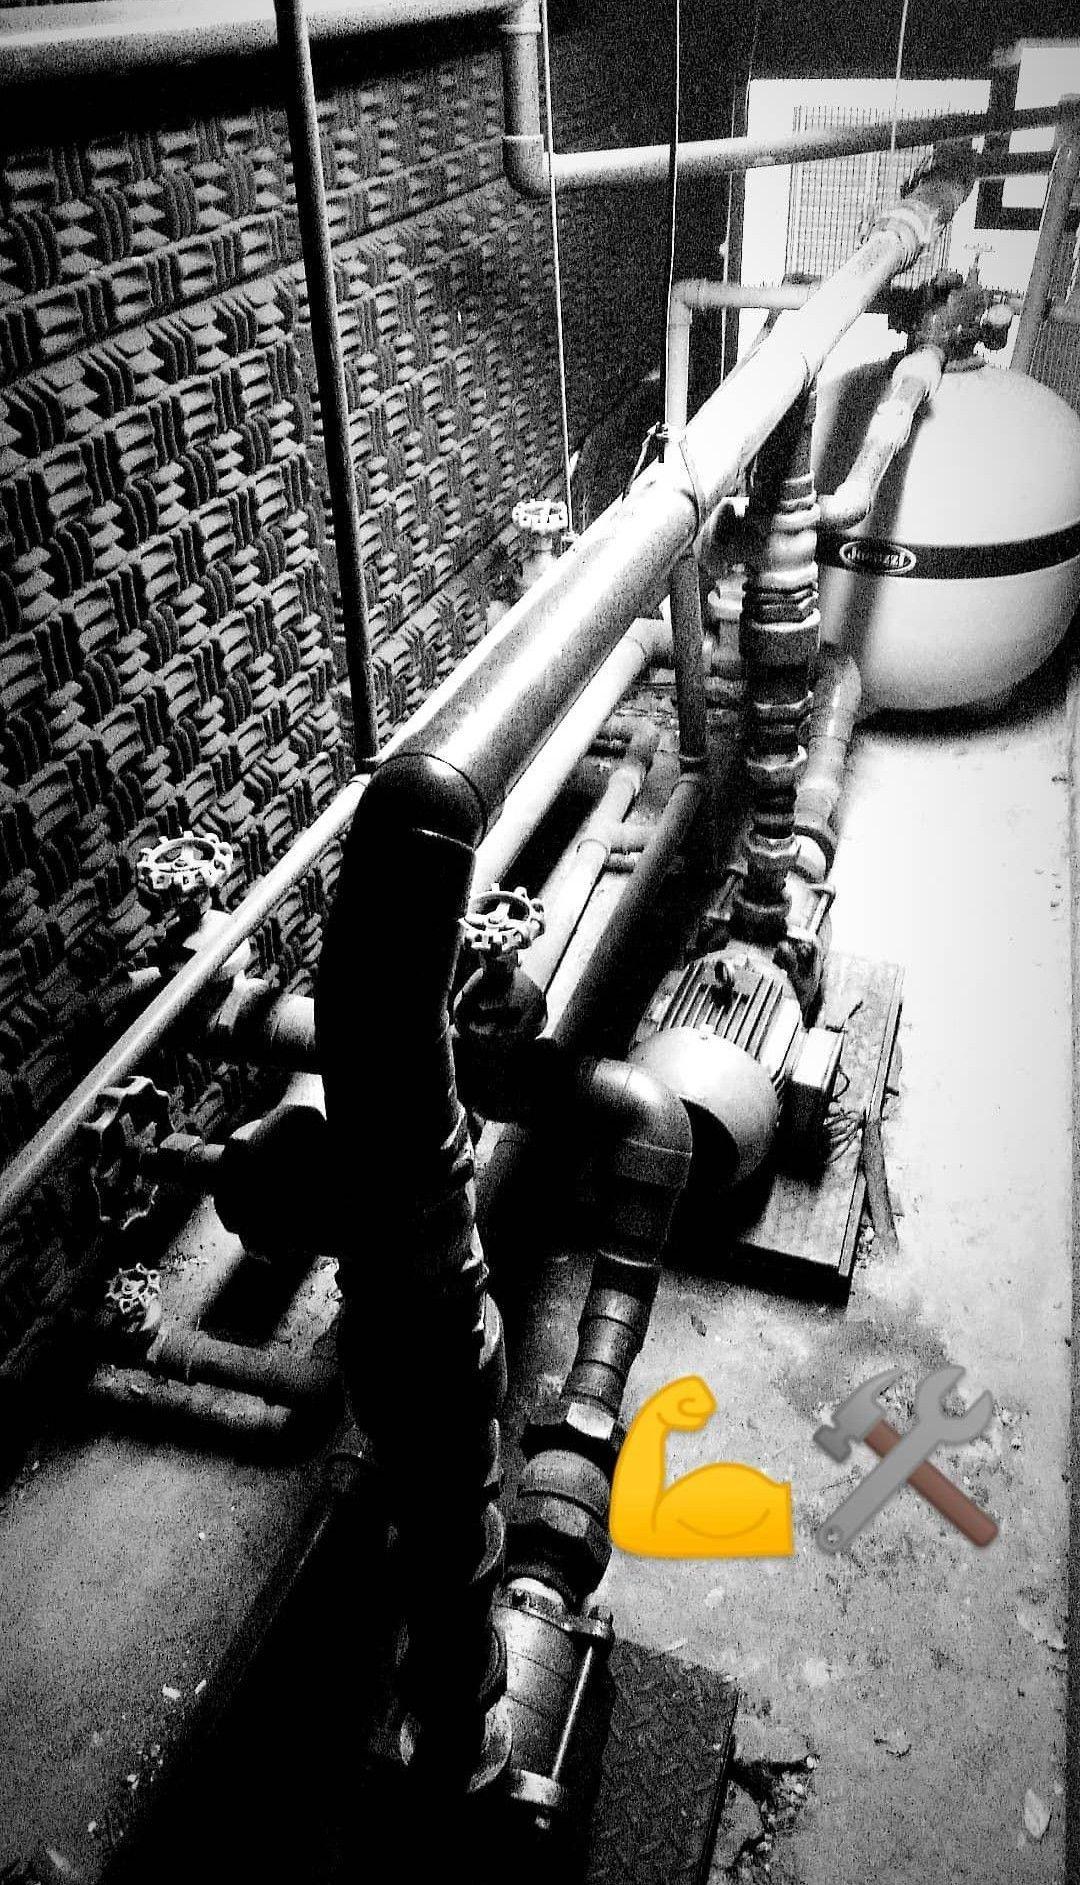 bombas filtros e registros